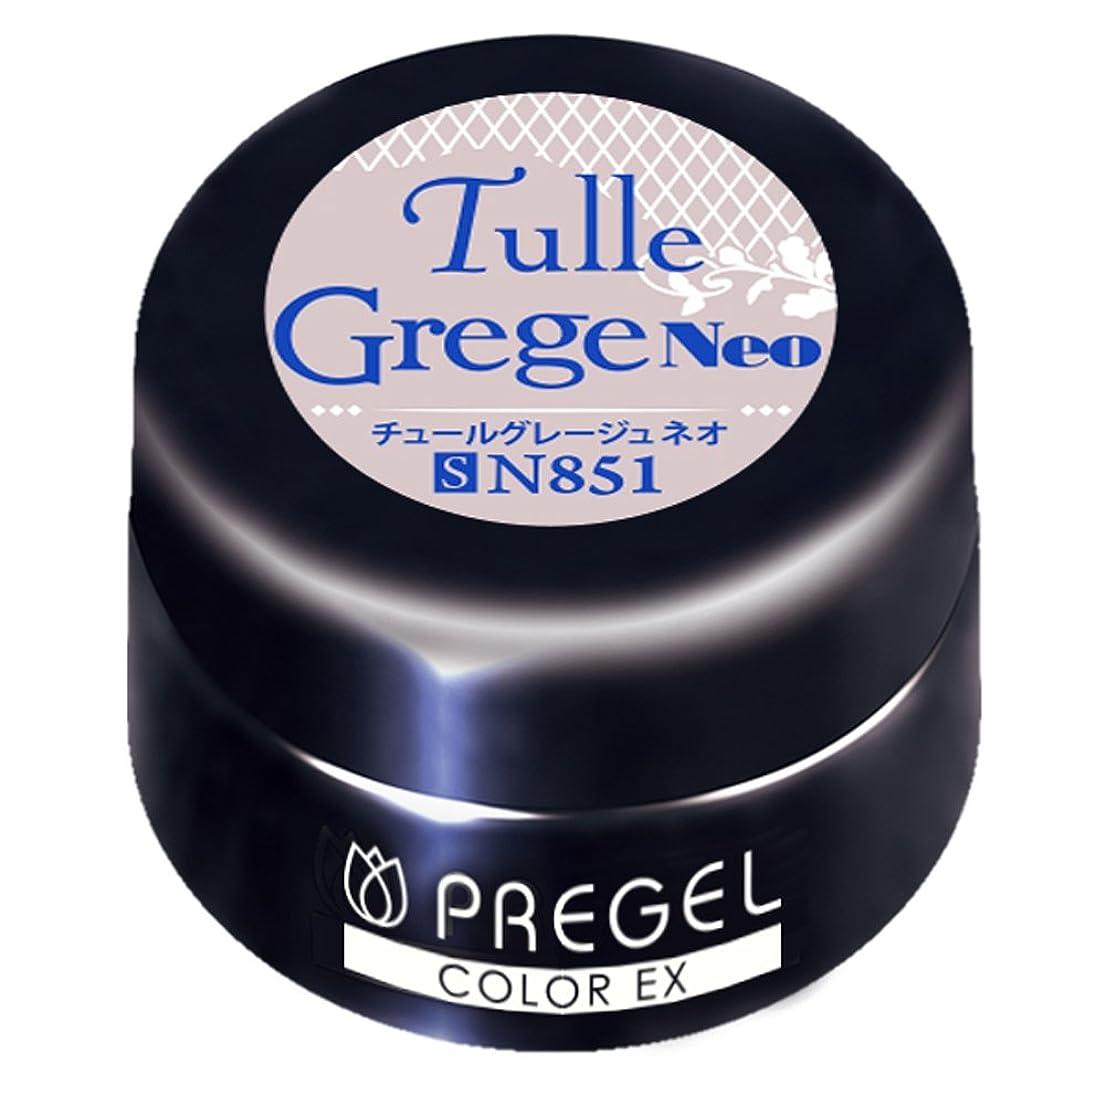 百年呼びかける子供っぽいPRE GEL カラーEX チュールグレージュ neo 851 3g UV/LED対応